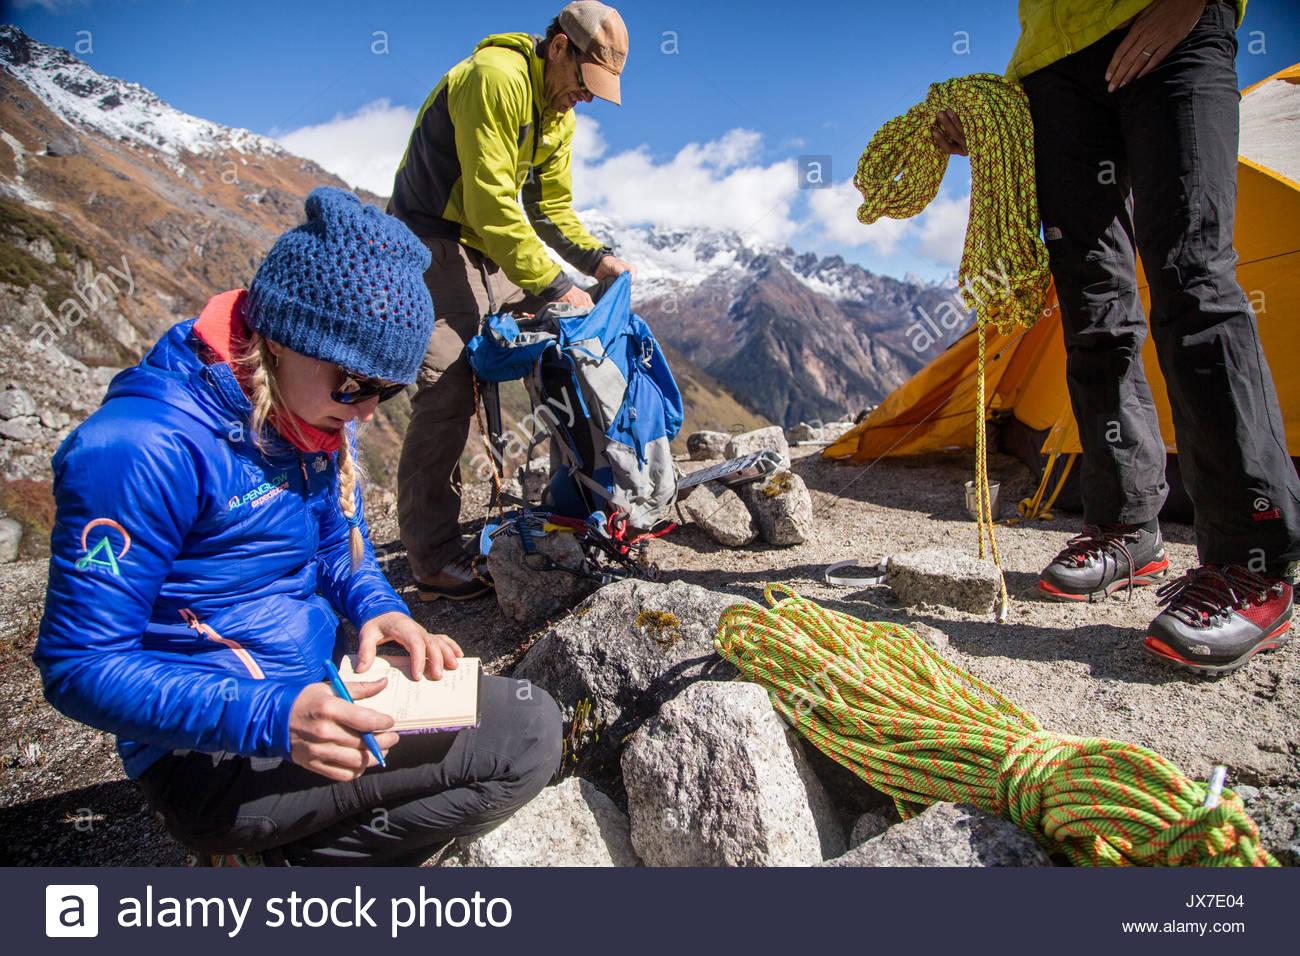 Membri della spedizione di ingranaggio di controllo e rivedere i piani prima di impostare l'alpinismo. Immagini Stock